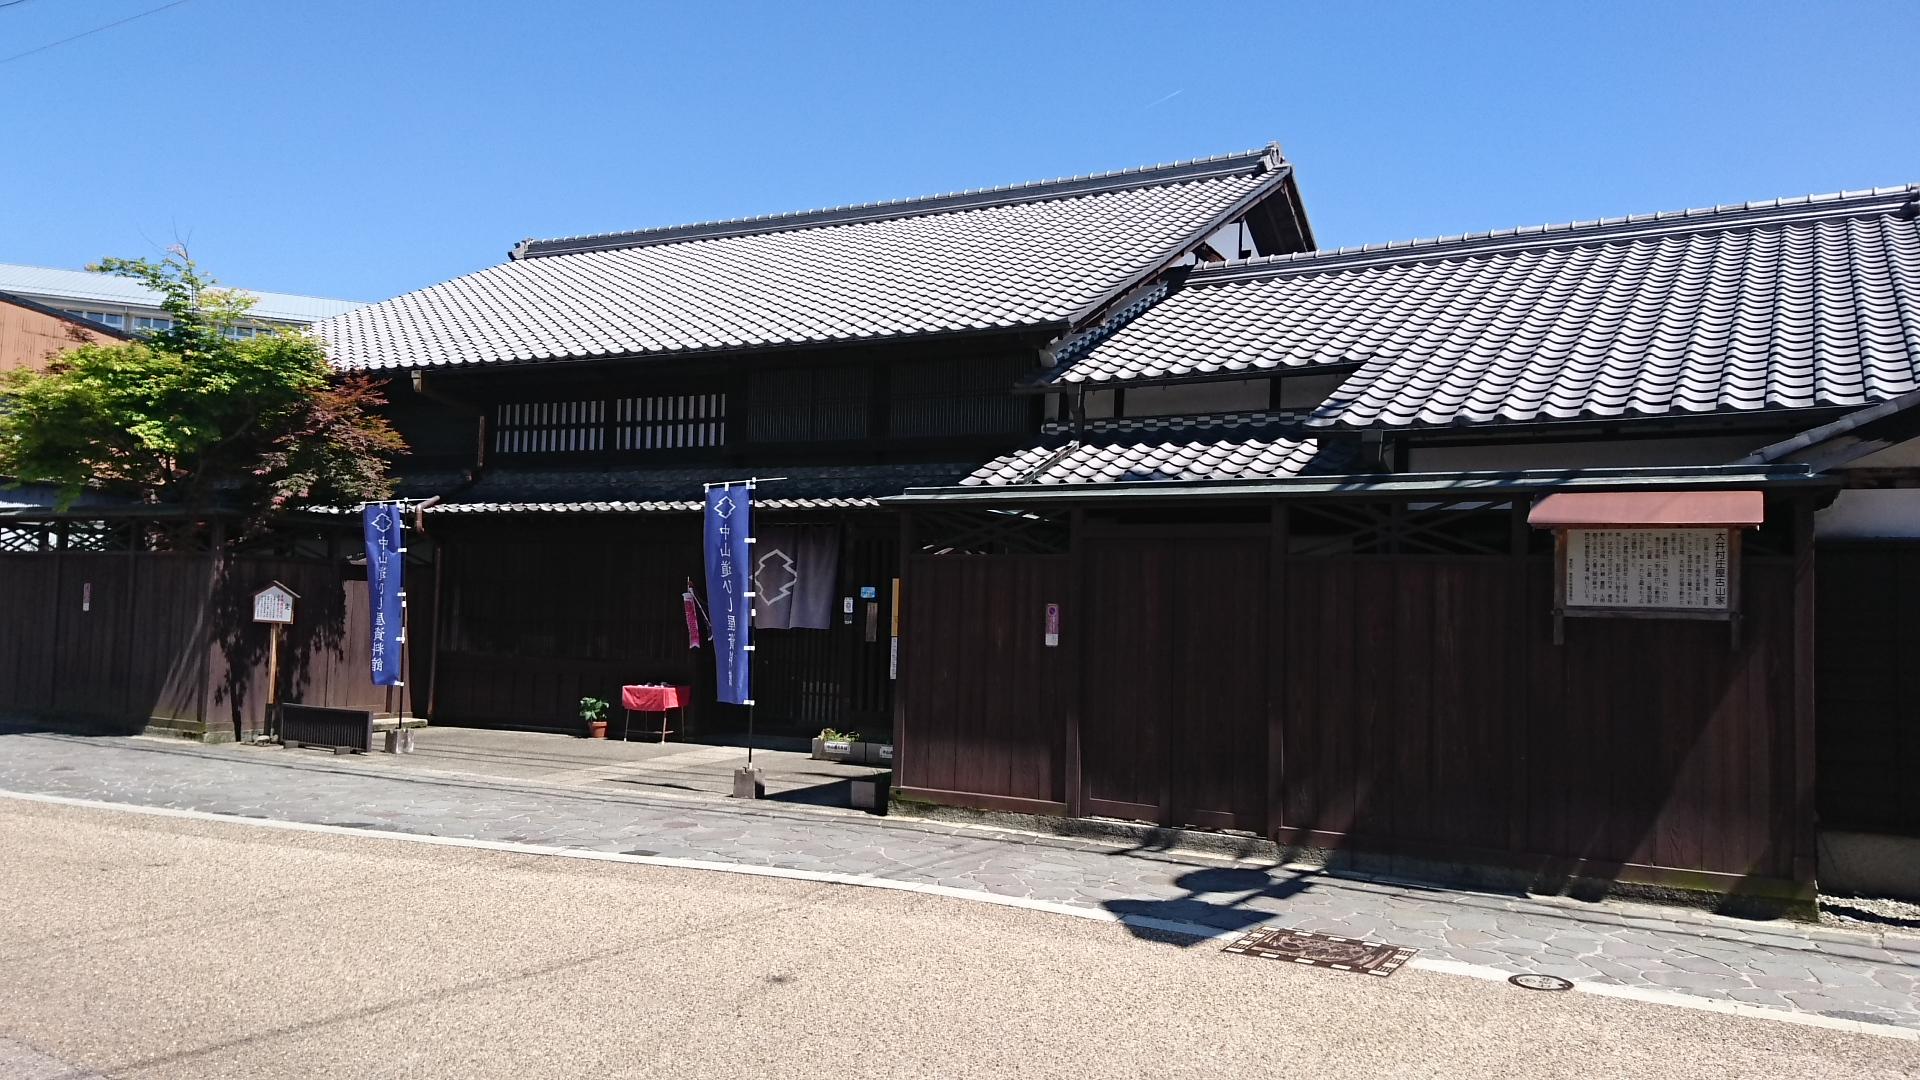 2017.5.19 大井 (61) 中山道ひし屋資料館 1920-1080